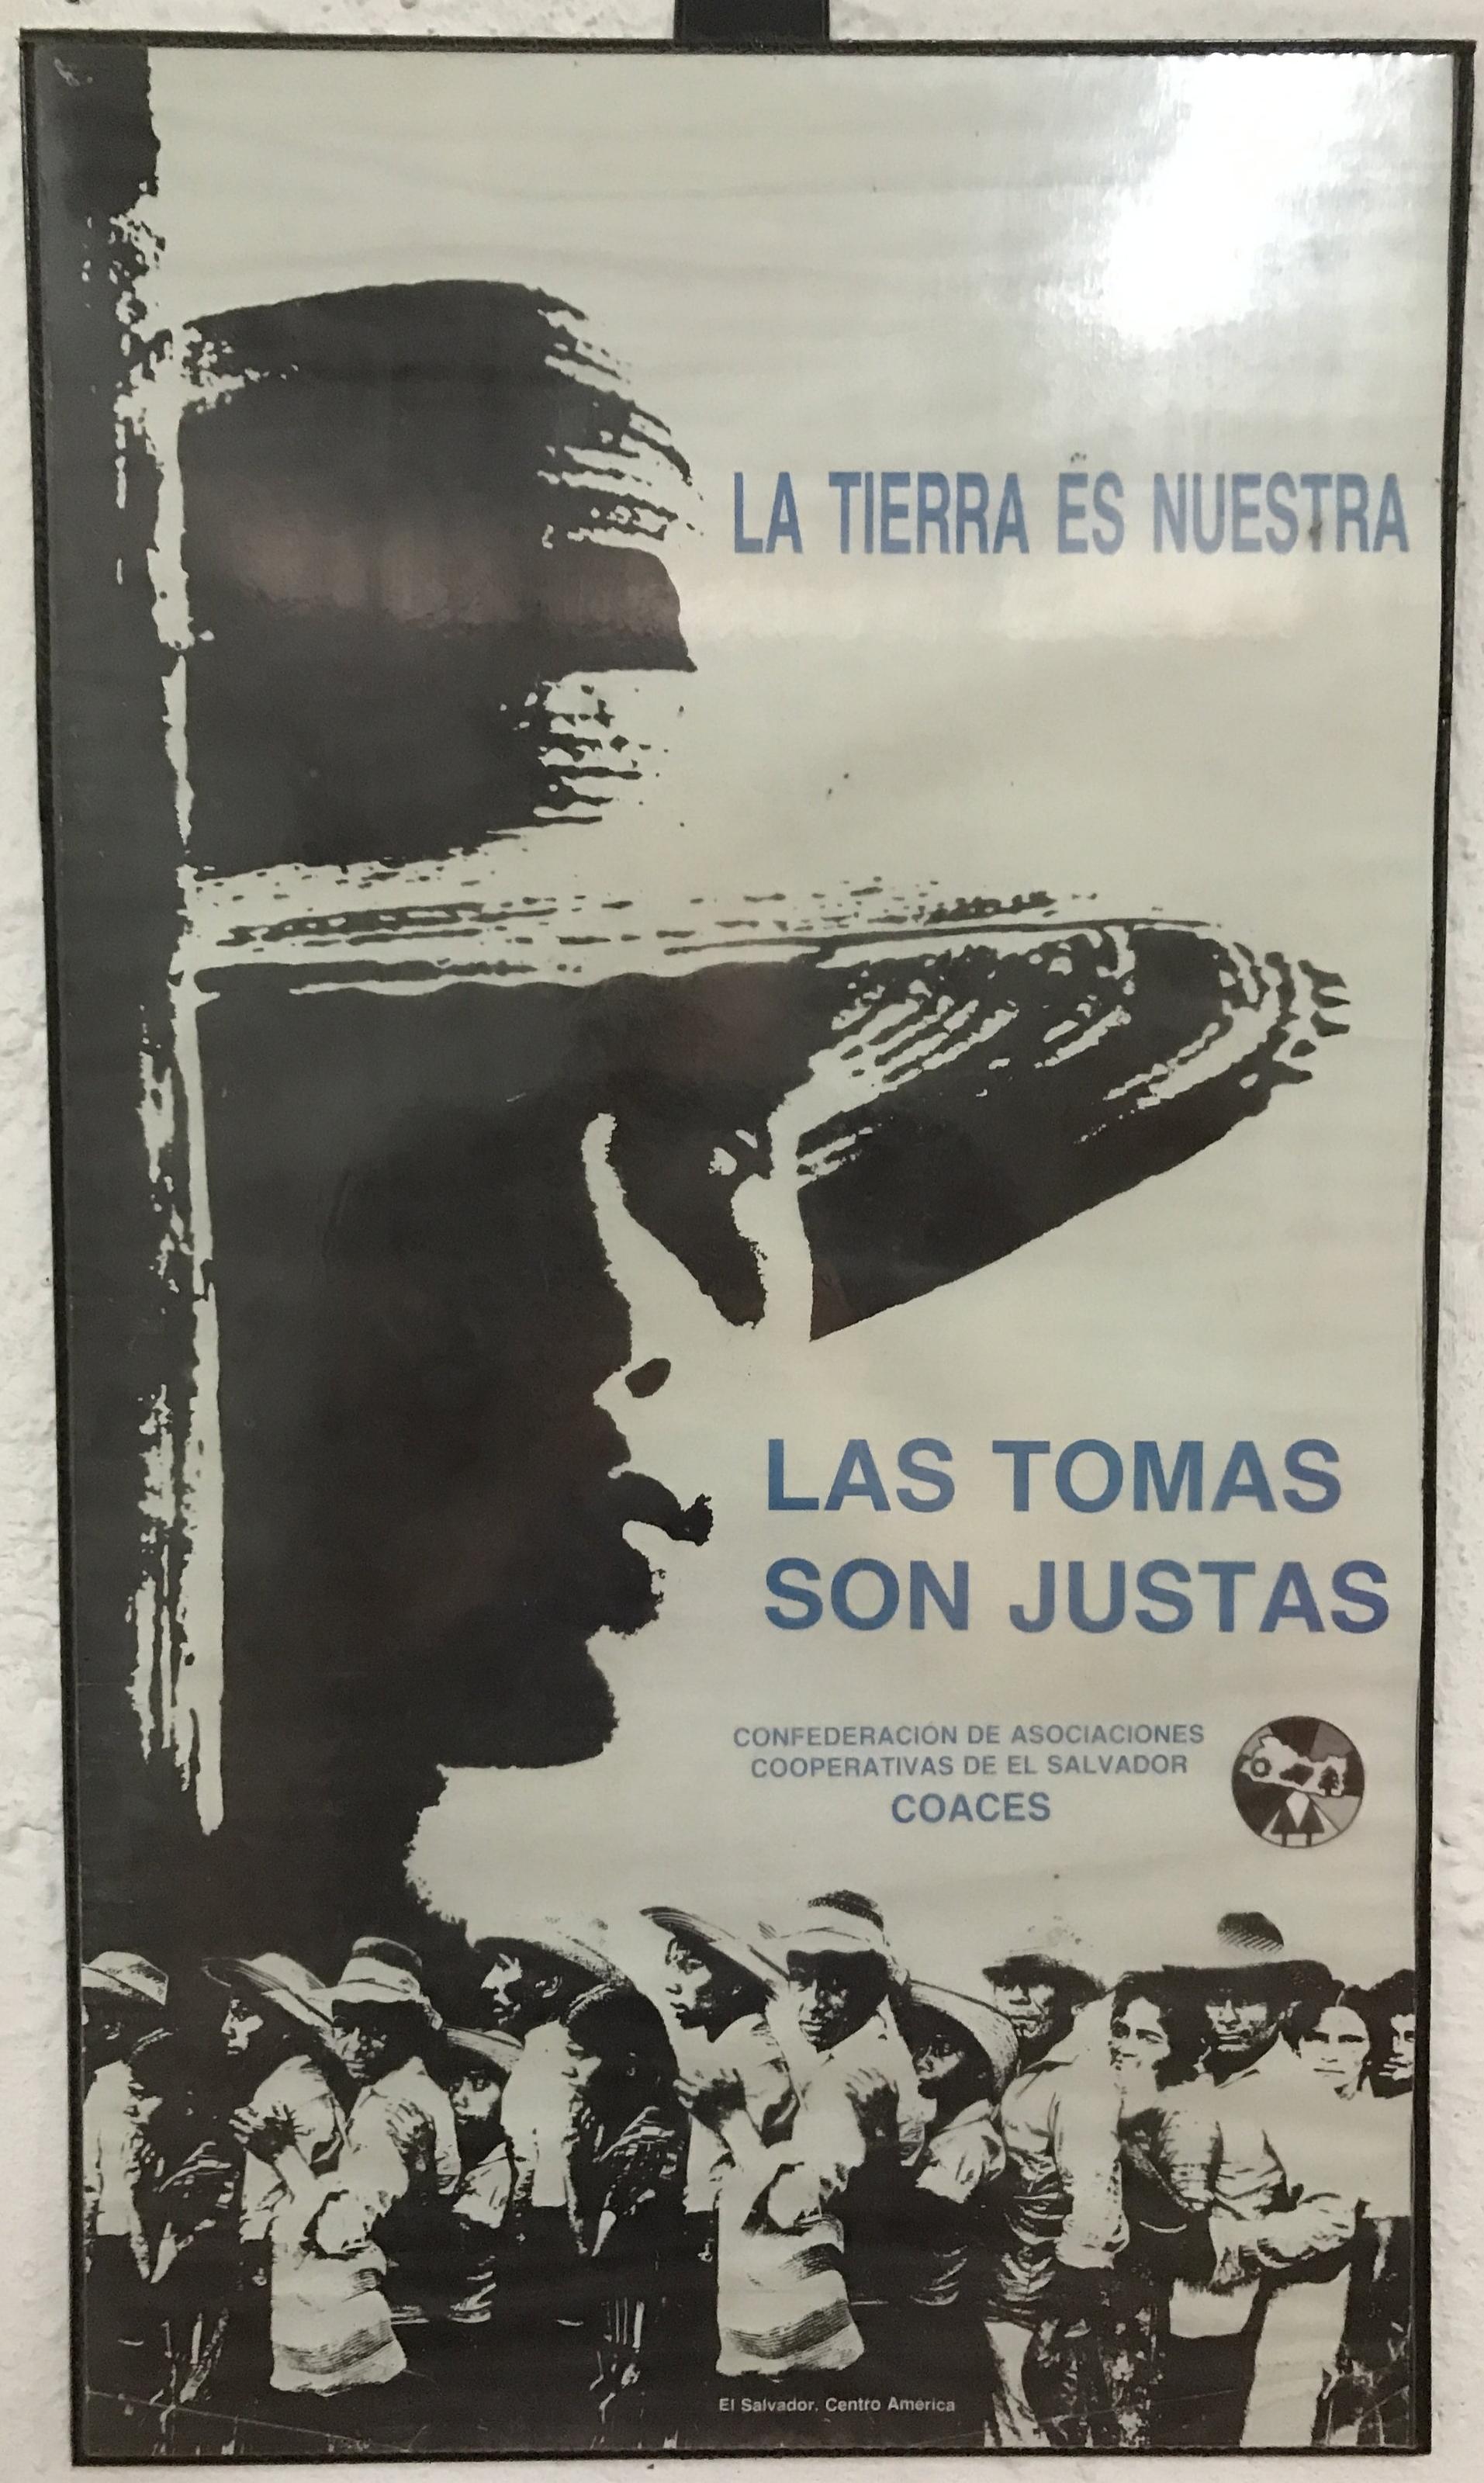 Poster by Confederacion de Asociaciones Cooperativas De El Salvador (COACES)